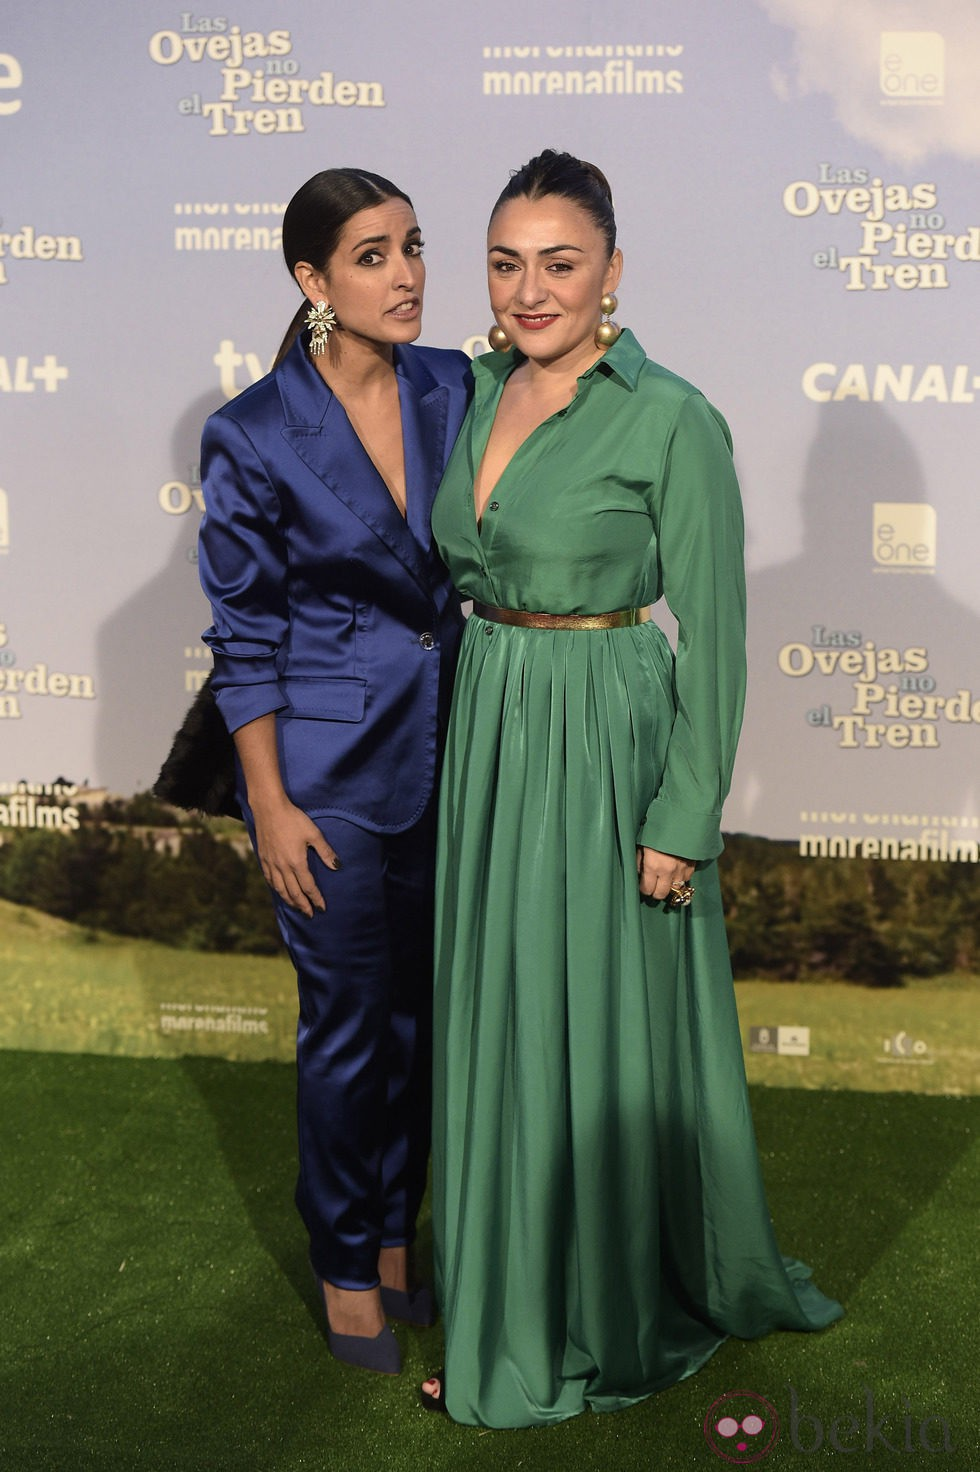 Inma Cuesta y Candela Peña en el estreno de 'Las ovejas no pierden el tren'